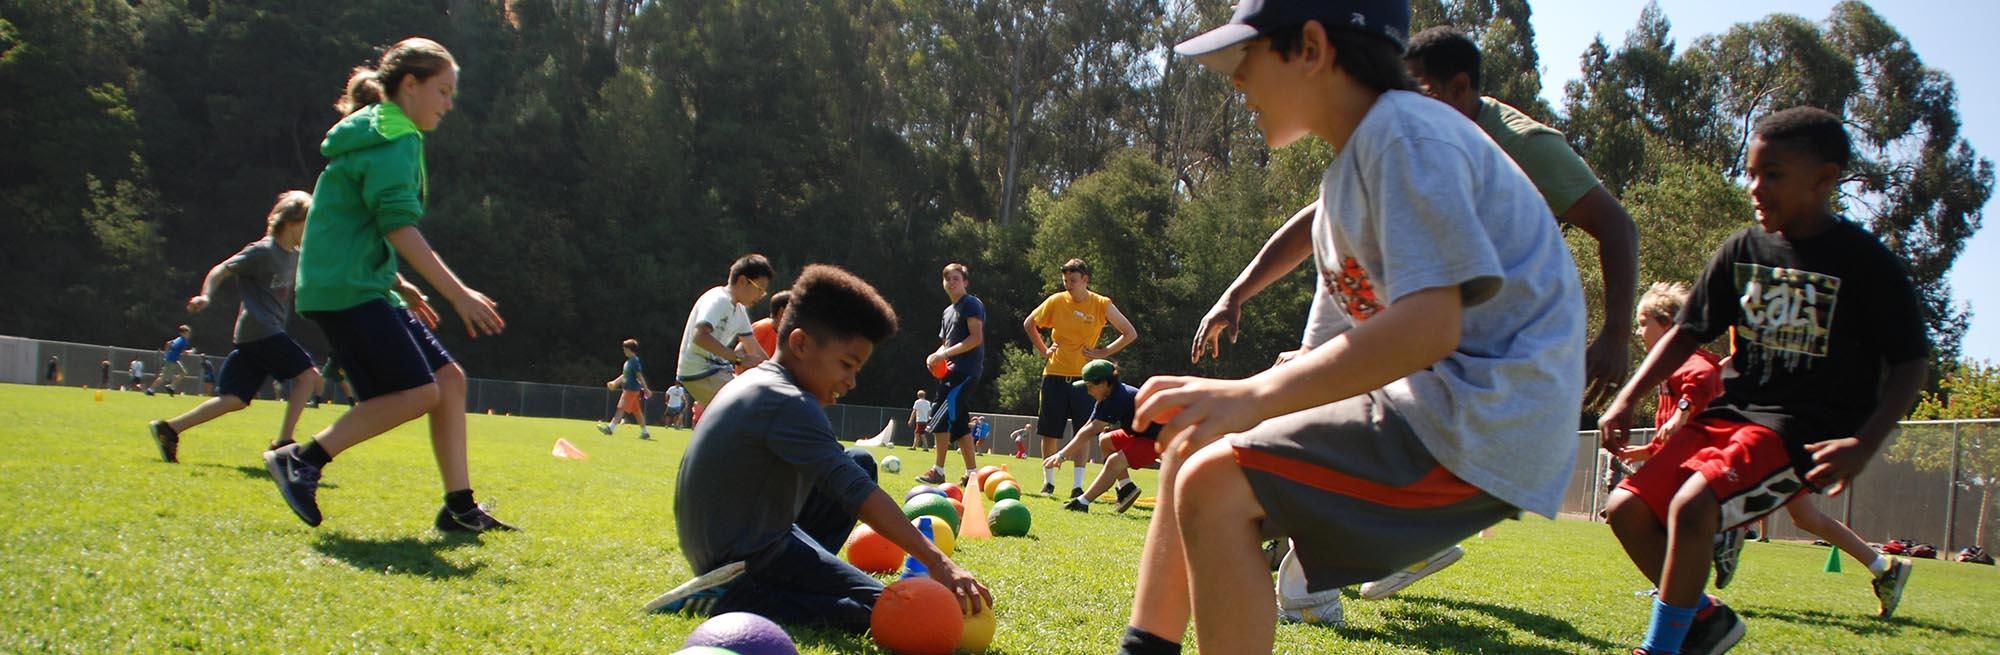 York Region Summer Day Camp